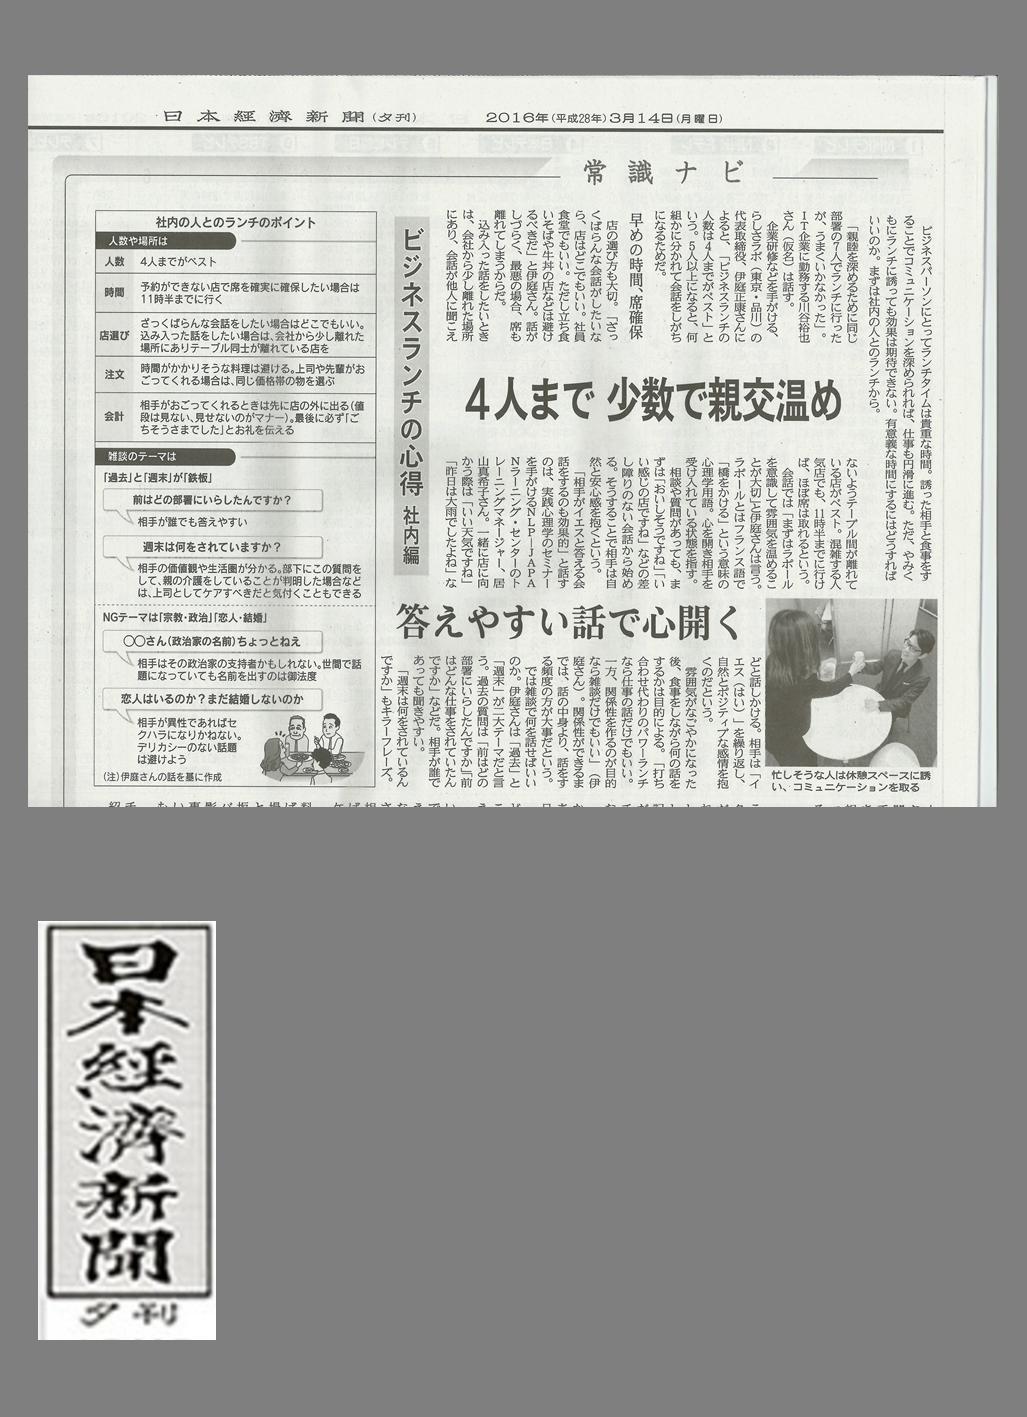 日本経済新聞 夕刊 「常識ナビ(ビジネスランチの心得)」掲載